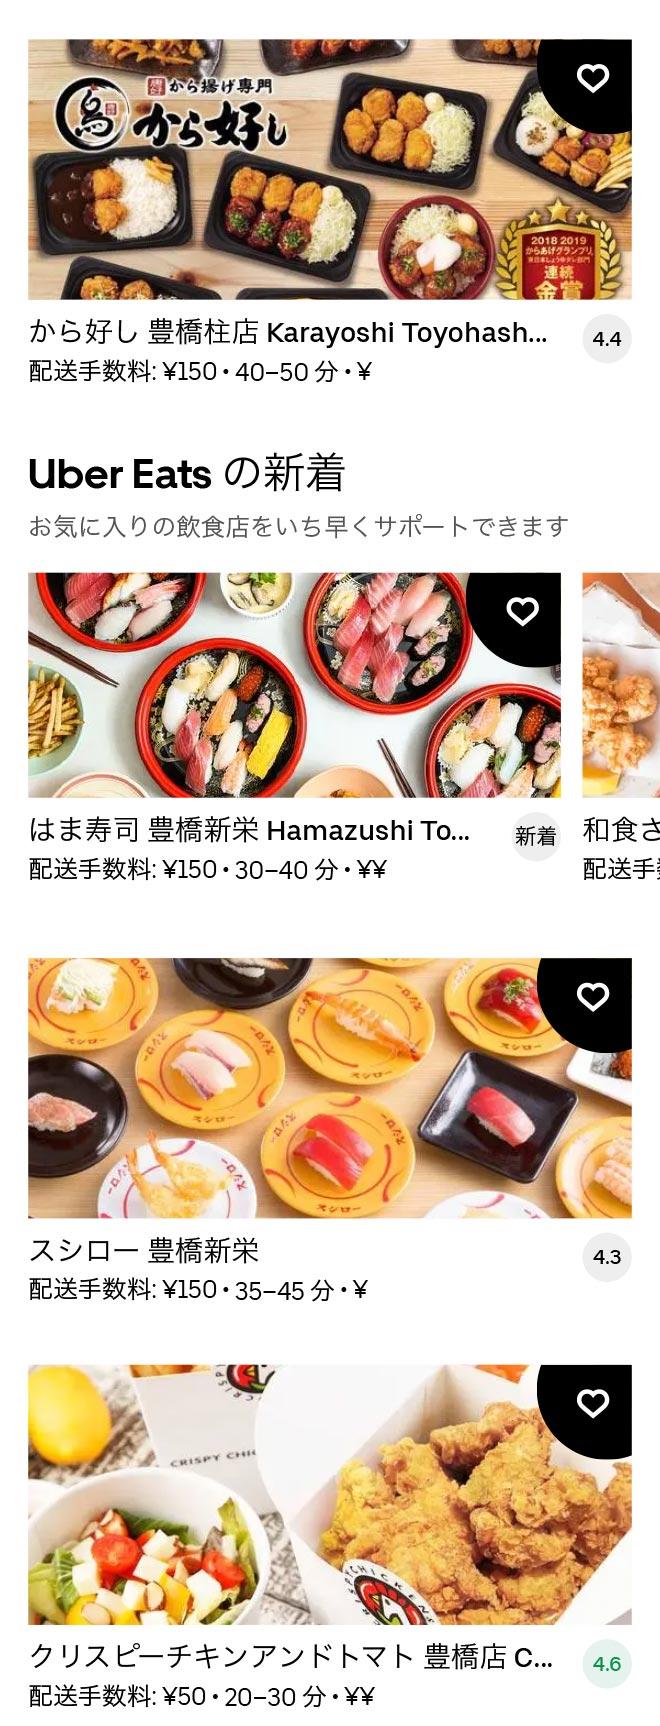 Toyohashi menu 2012 04